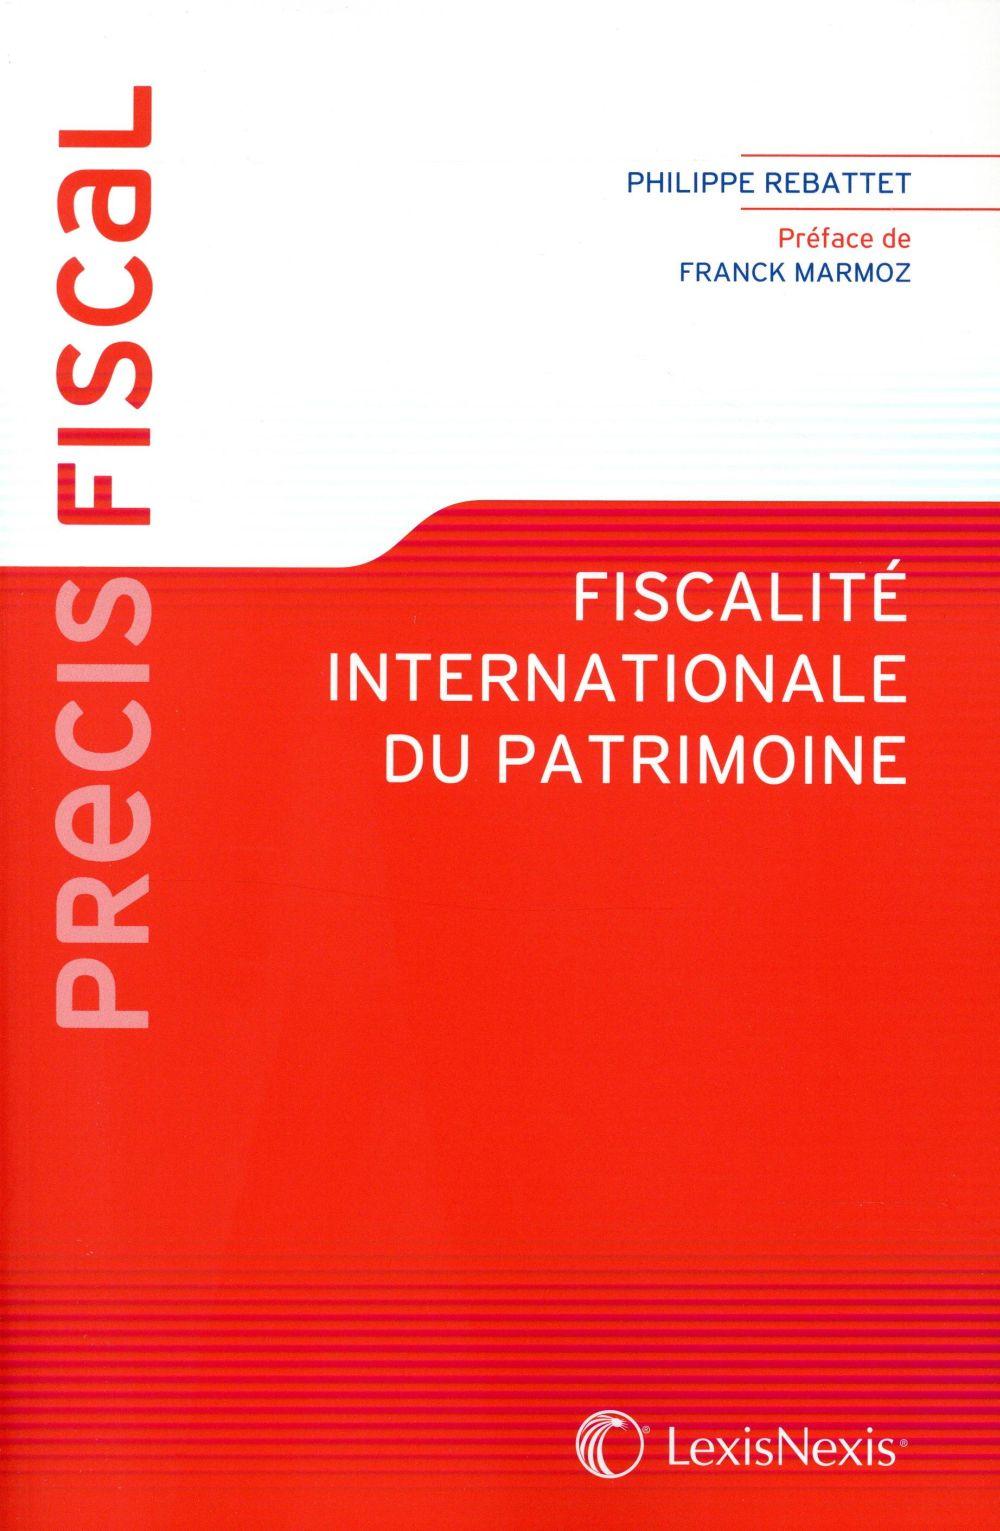 FISCALITE INTERNATIONALE DU PATRIMOINE